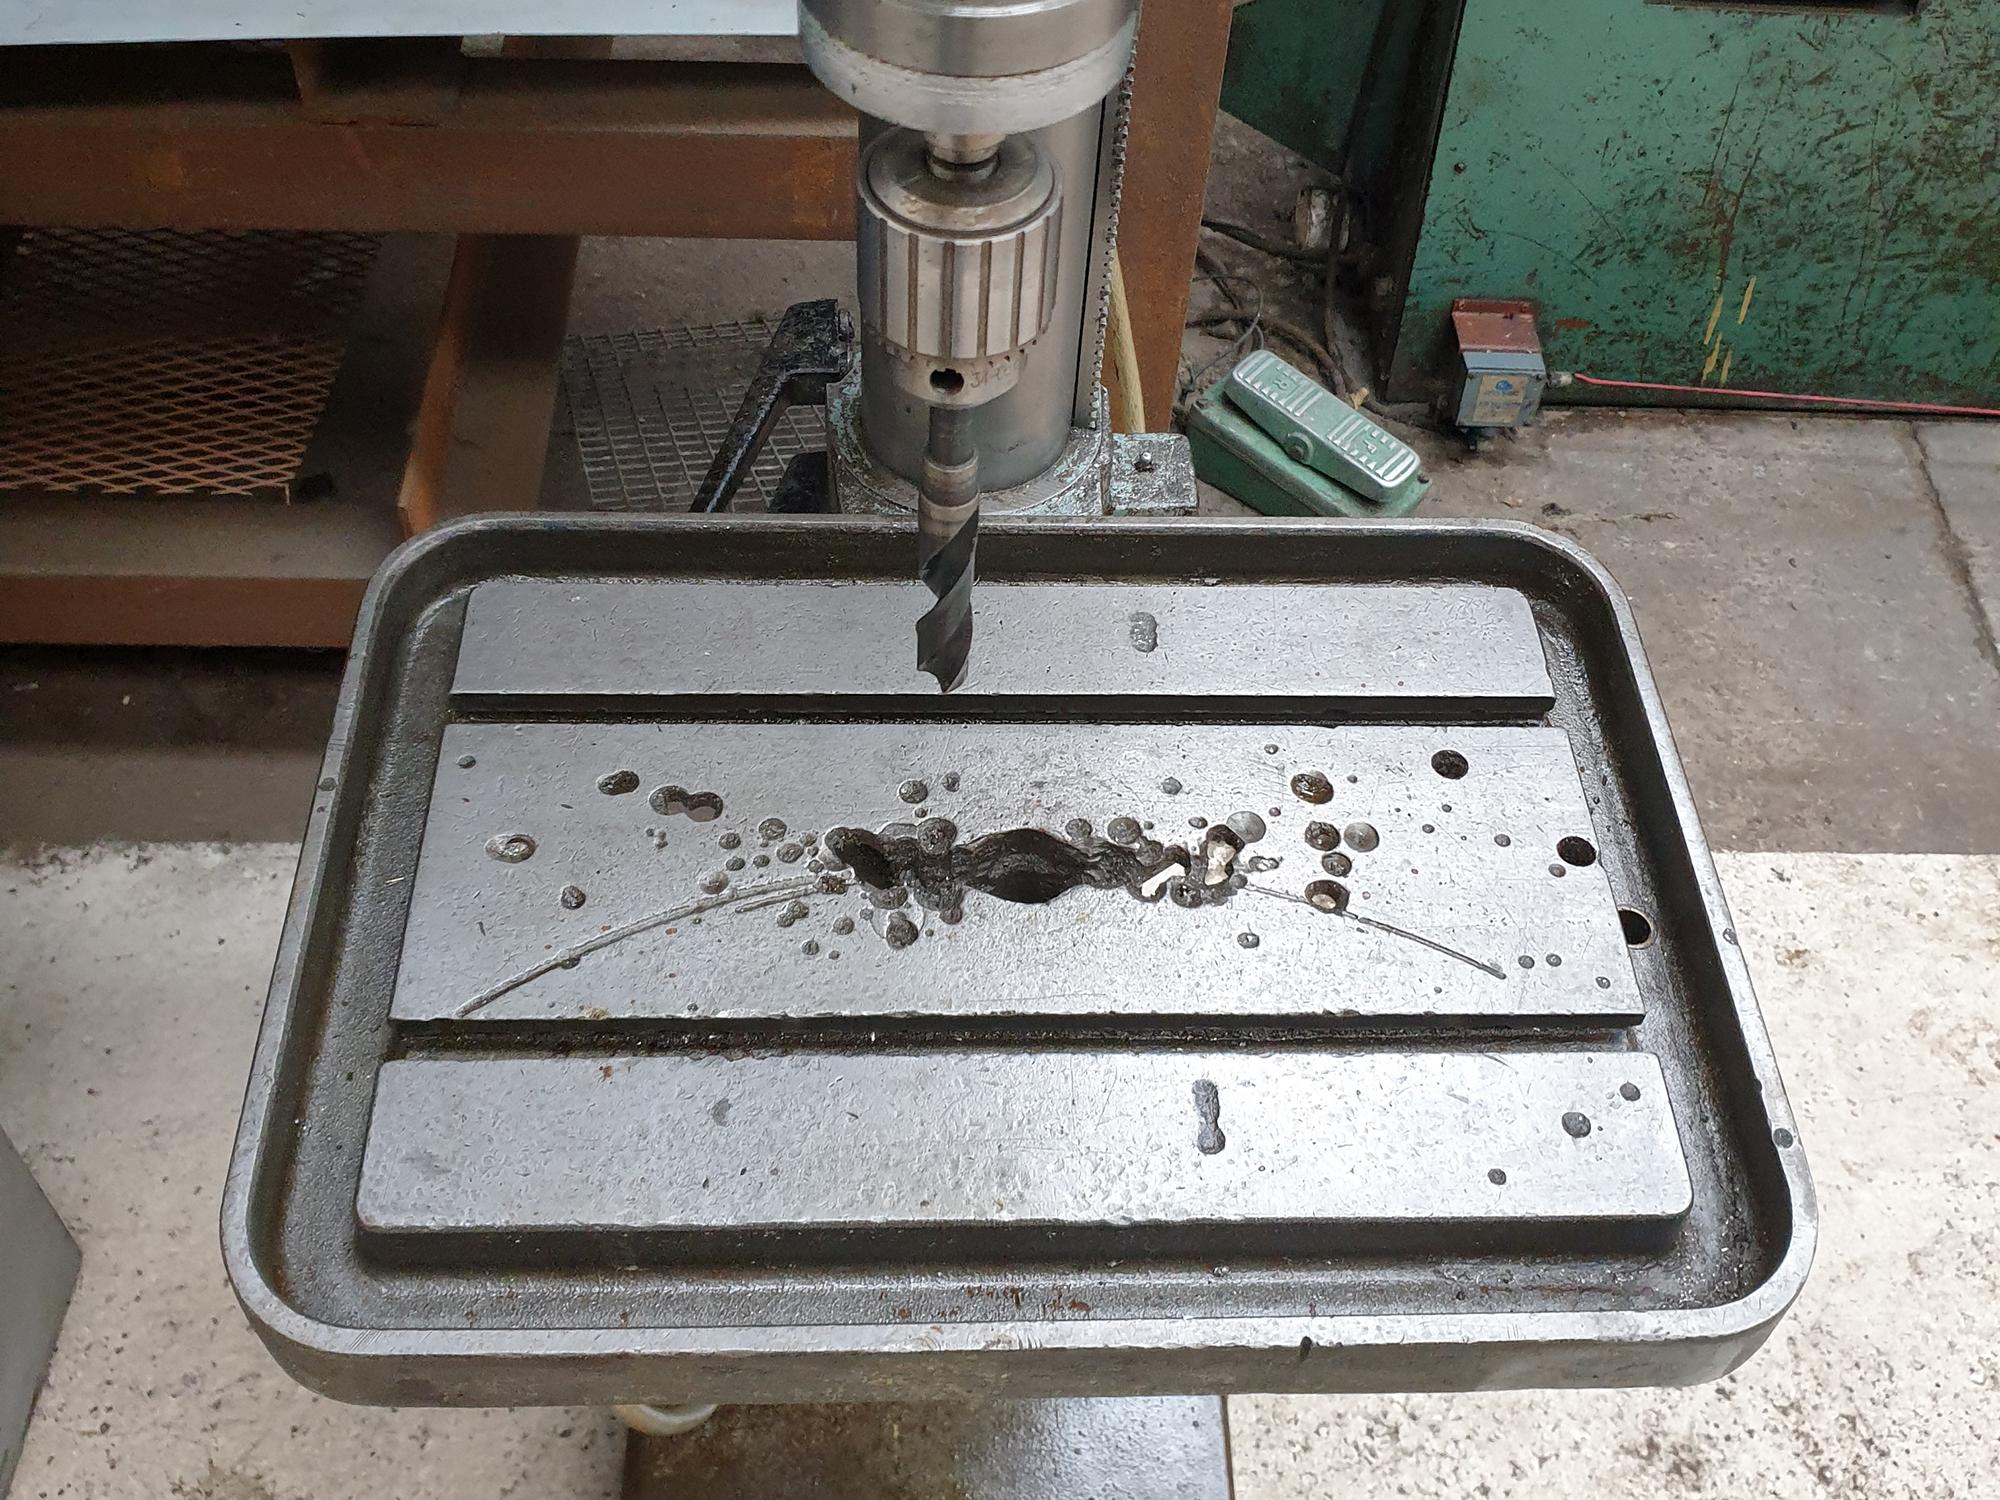 Meddings S68 Gear Head Drill. - Image 4 of 6